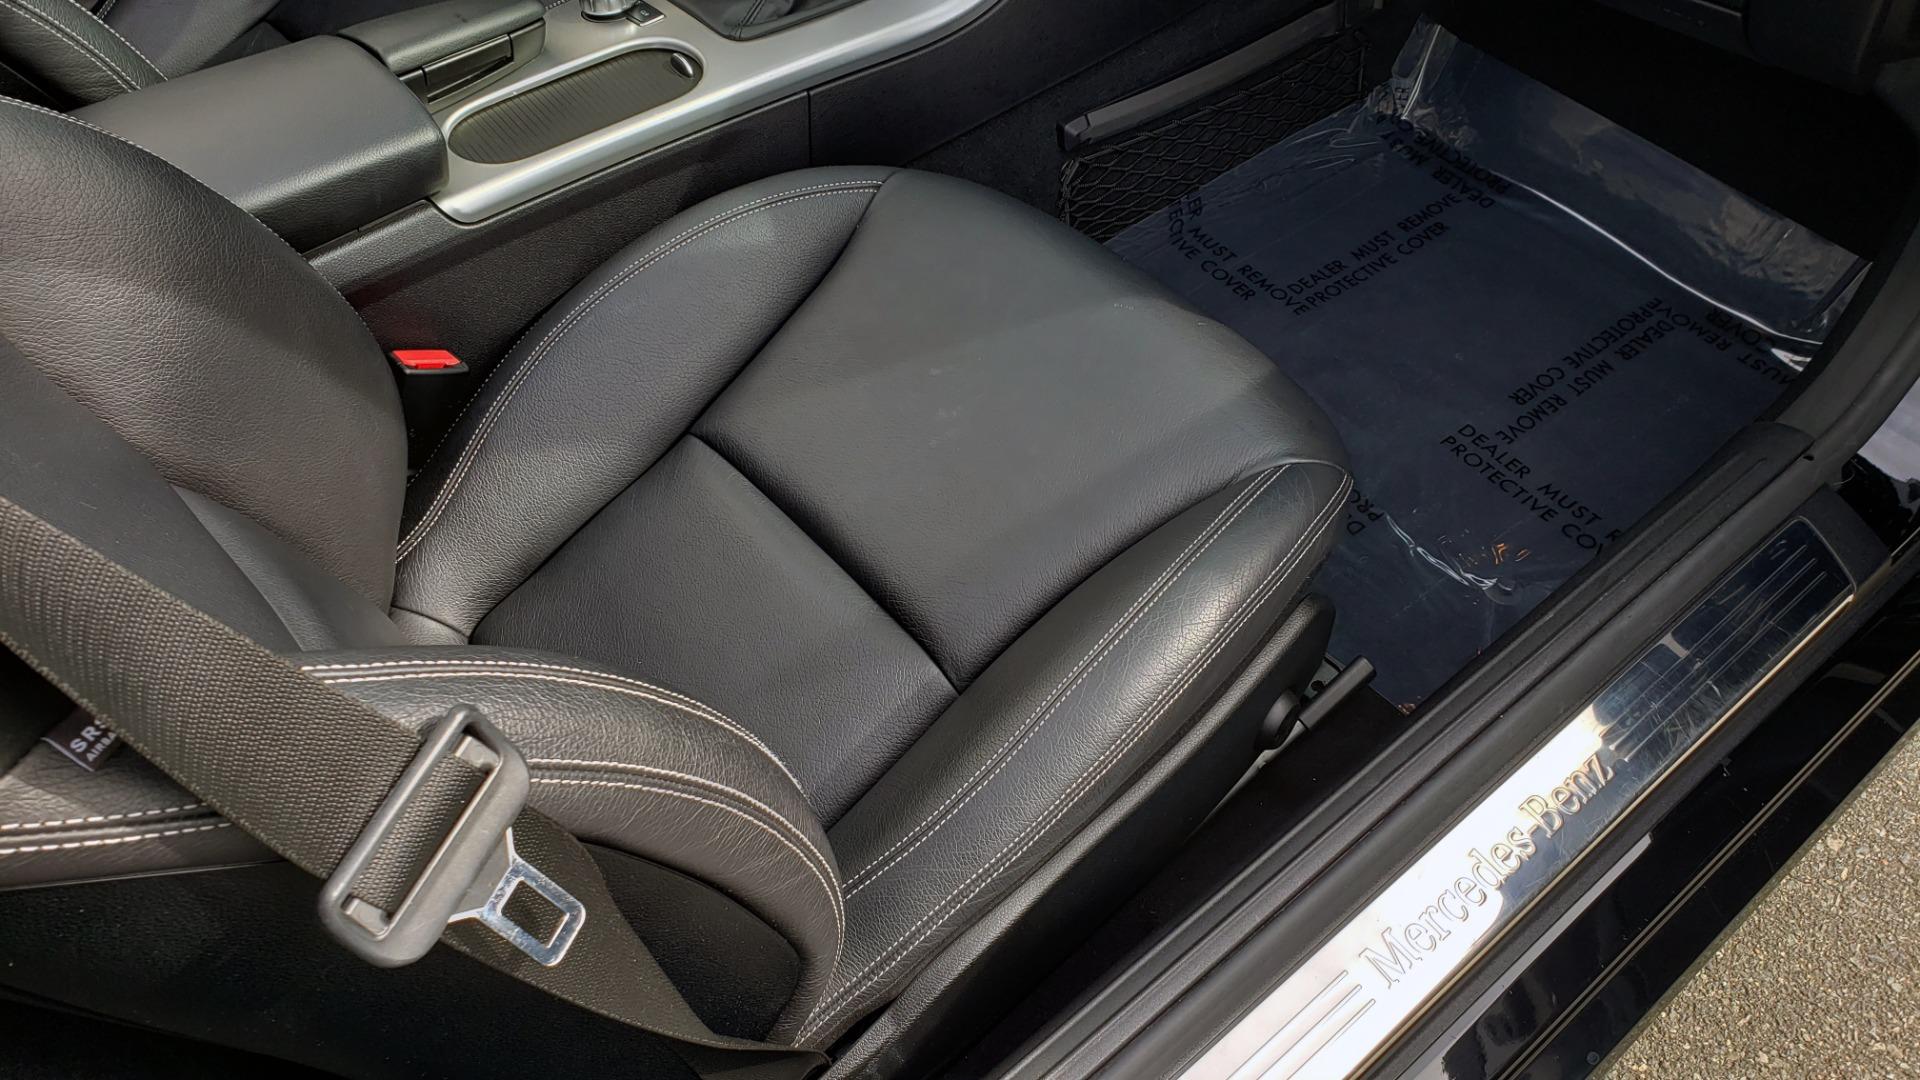 Used 2012 Mercedes-Benz SLK-CLASS SLK 250 ROADSTER / PREM 1 PKG / COMAND LAUNCH PKG / 7-SPD AUTO for sale $24,995 at Formula Imports in Charlotte NC 28227 33